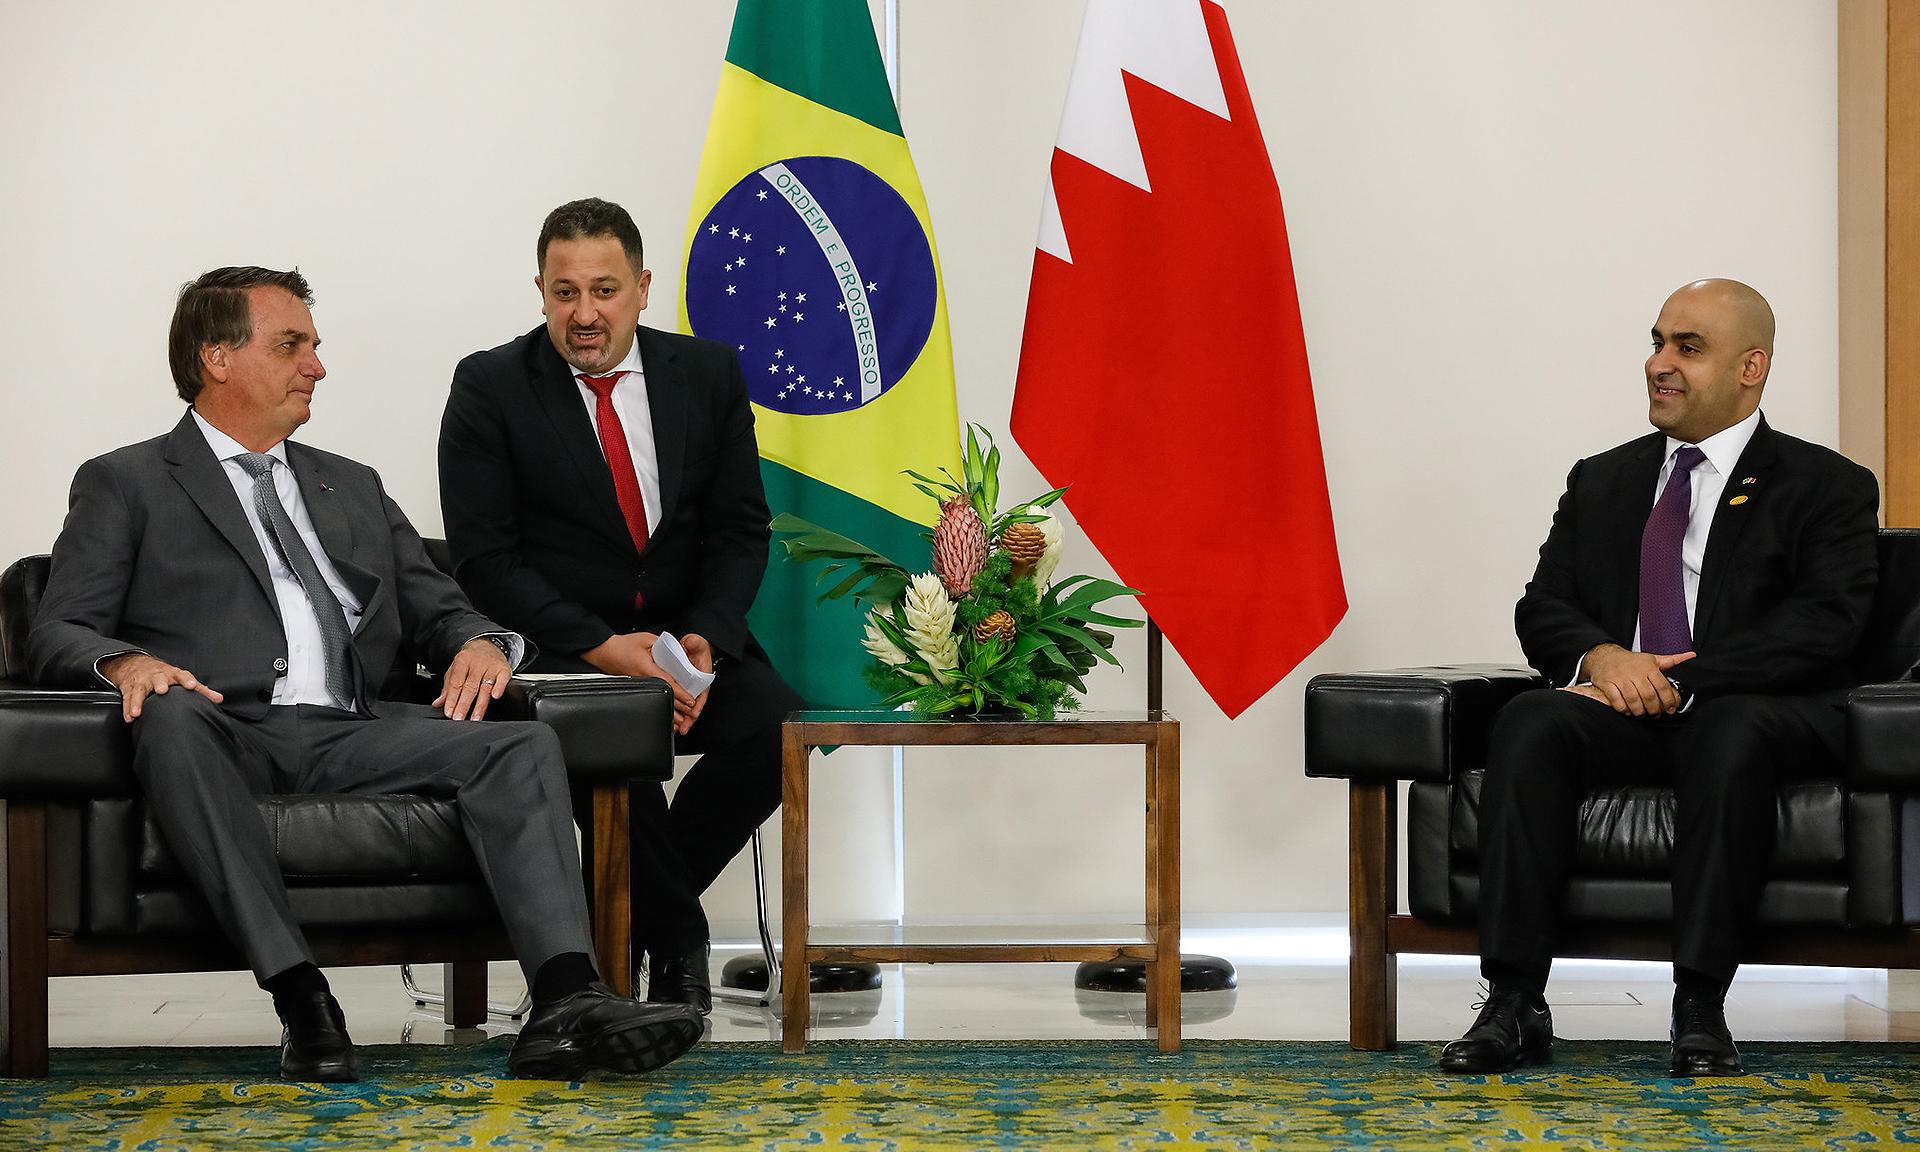 Missão brasileira naquele país contribuirá para a promoção da cooperação econômico-comercial entre os dois países